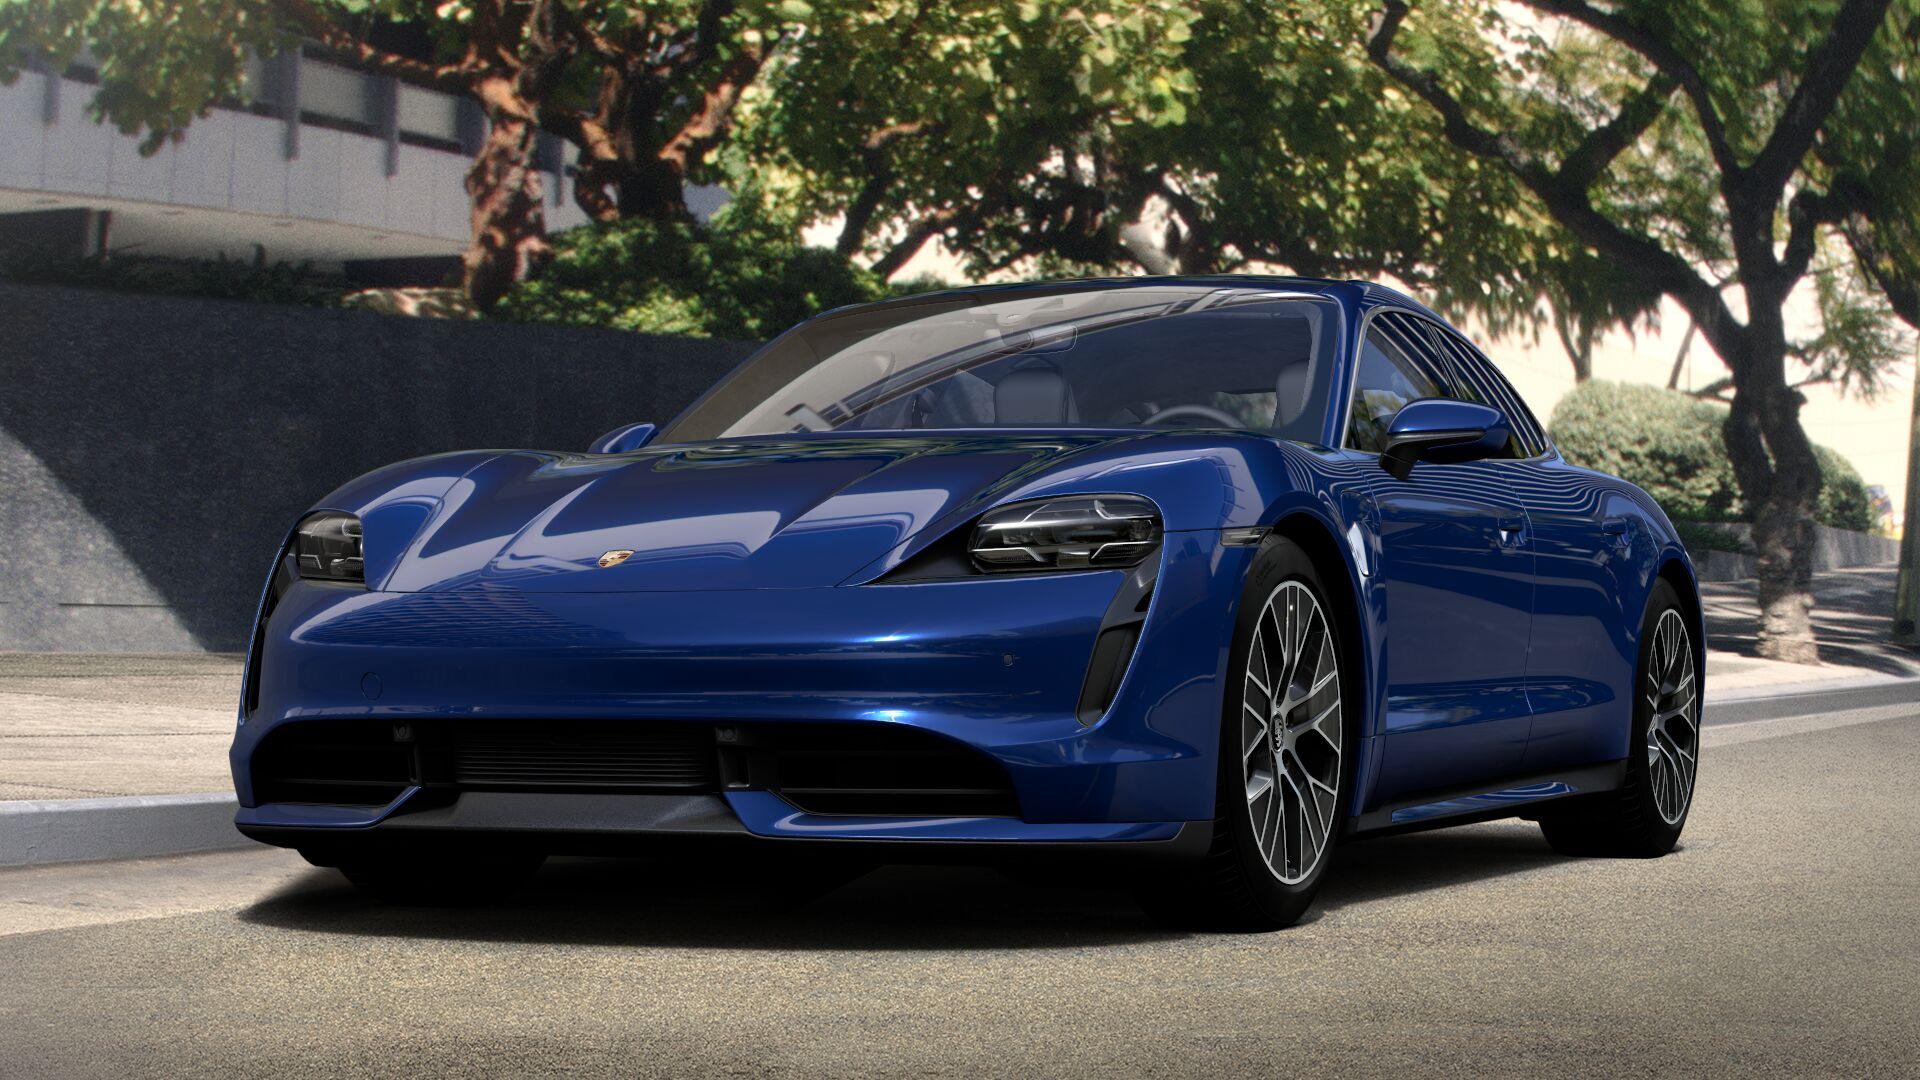 Porsche Taycan Reichweite und Antrieb Bildquelle: Porsche